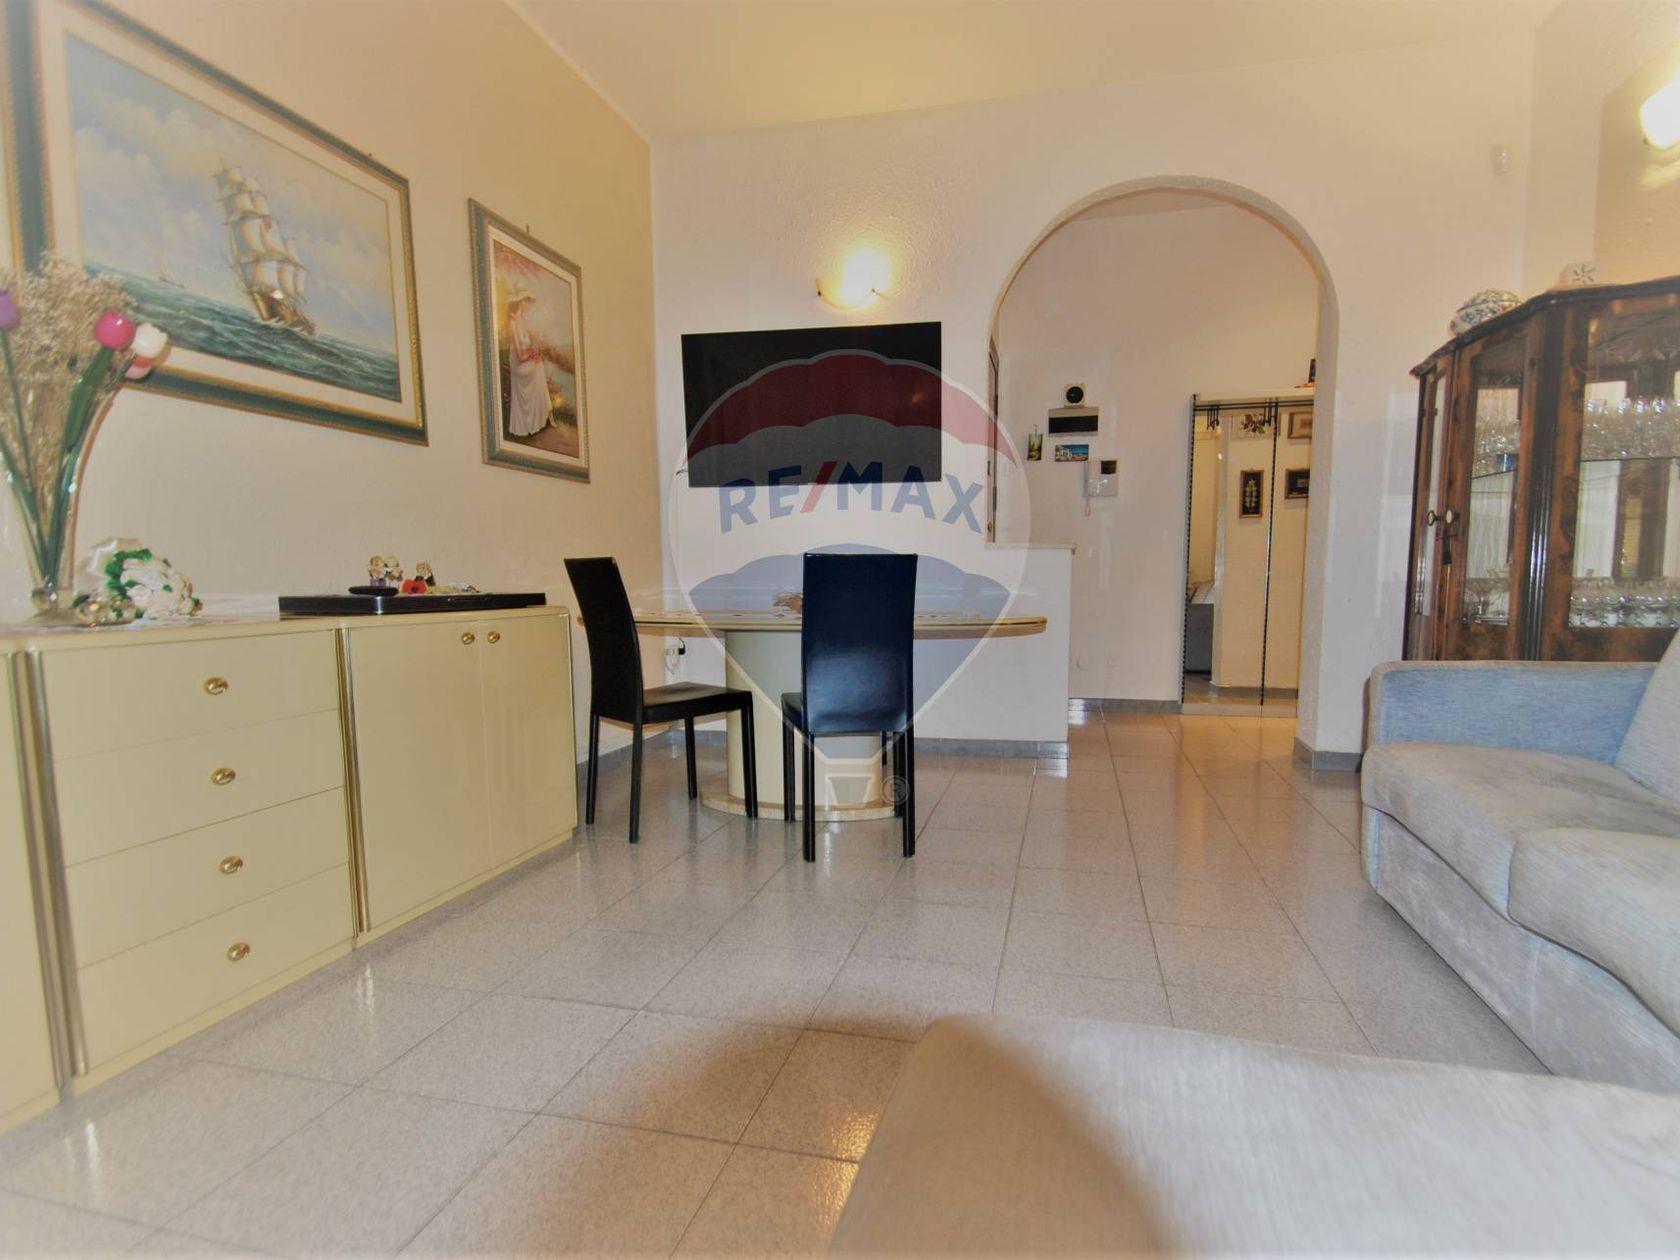 Grandi Serramenti Sesto San Giovanni appartamento in vendita sesto san giovanni 32201036-102 | re